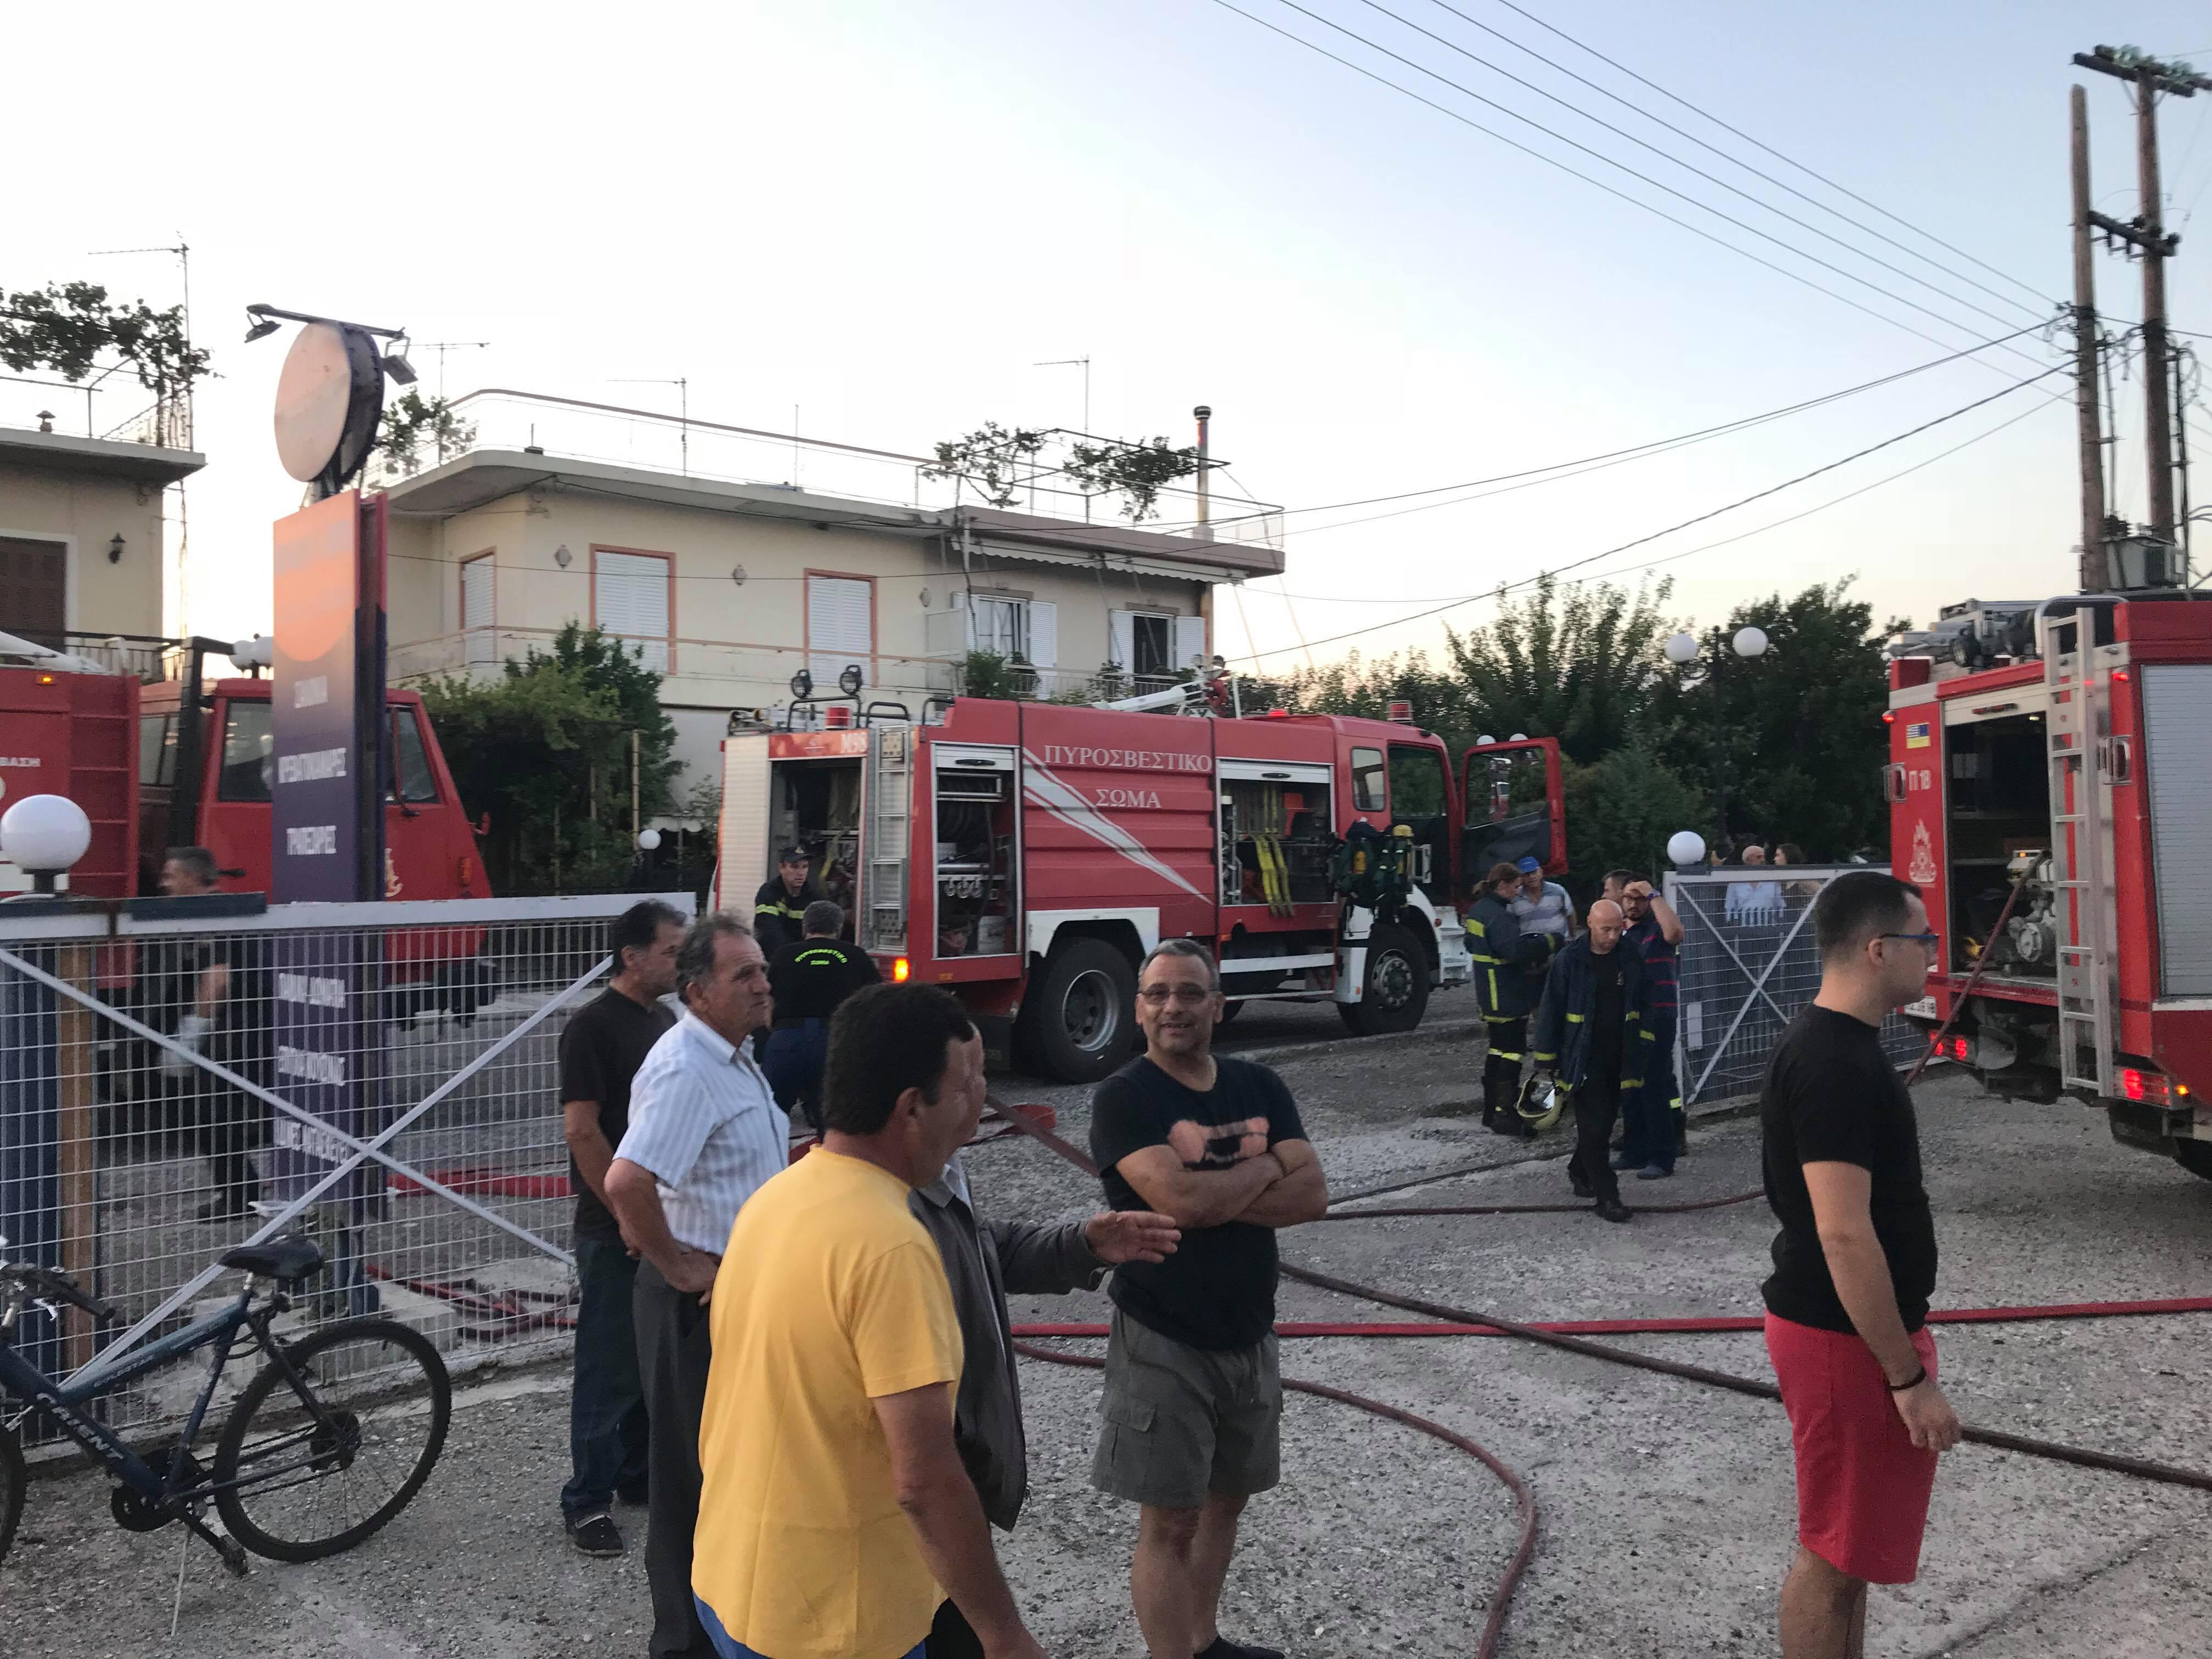 Κινητοποίηση της Πυροσβεστικής για φωτιά σε ξυλουργείο στο Παναιτώλιο (φωτο)